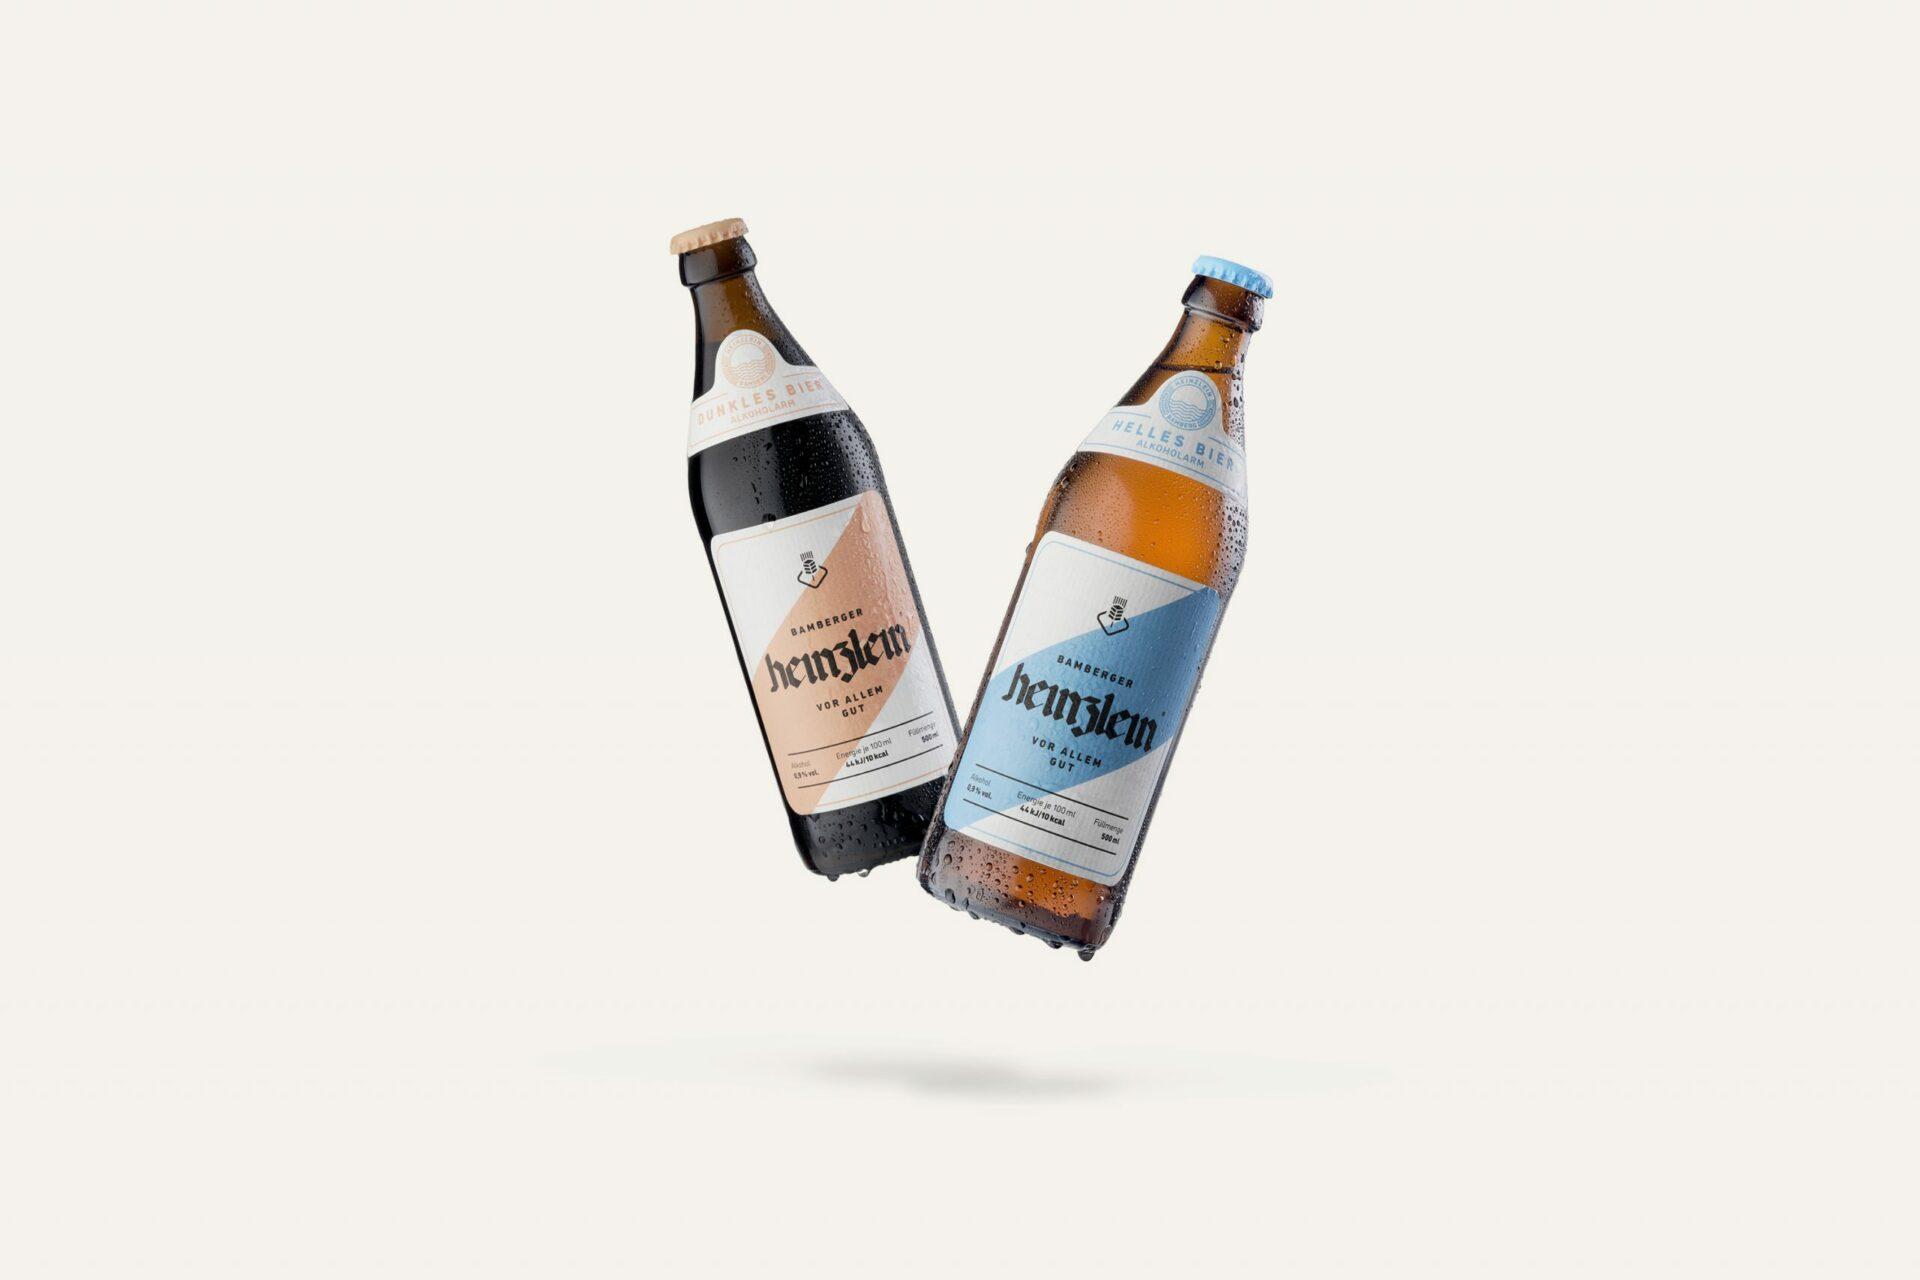 alpha-alpaka_ref_heinzlein_bottle_04